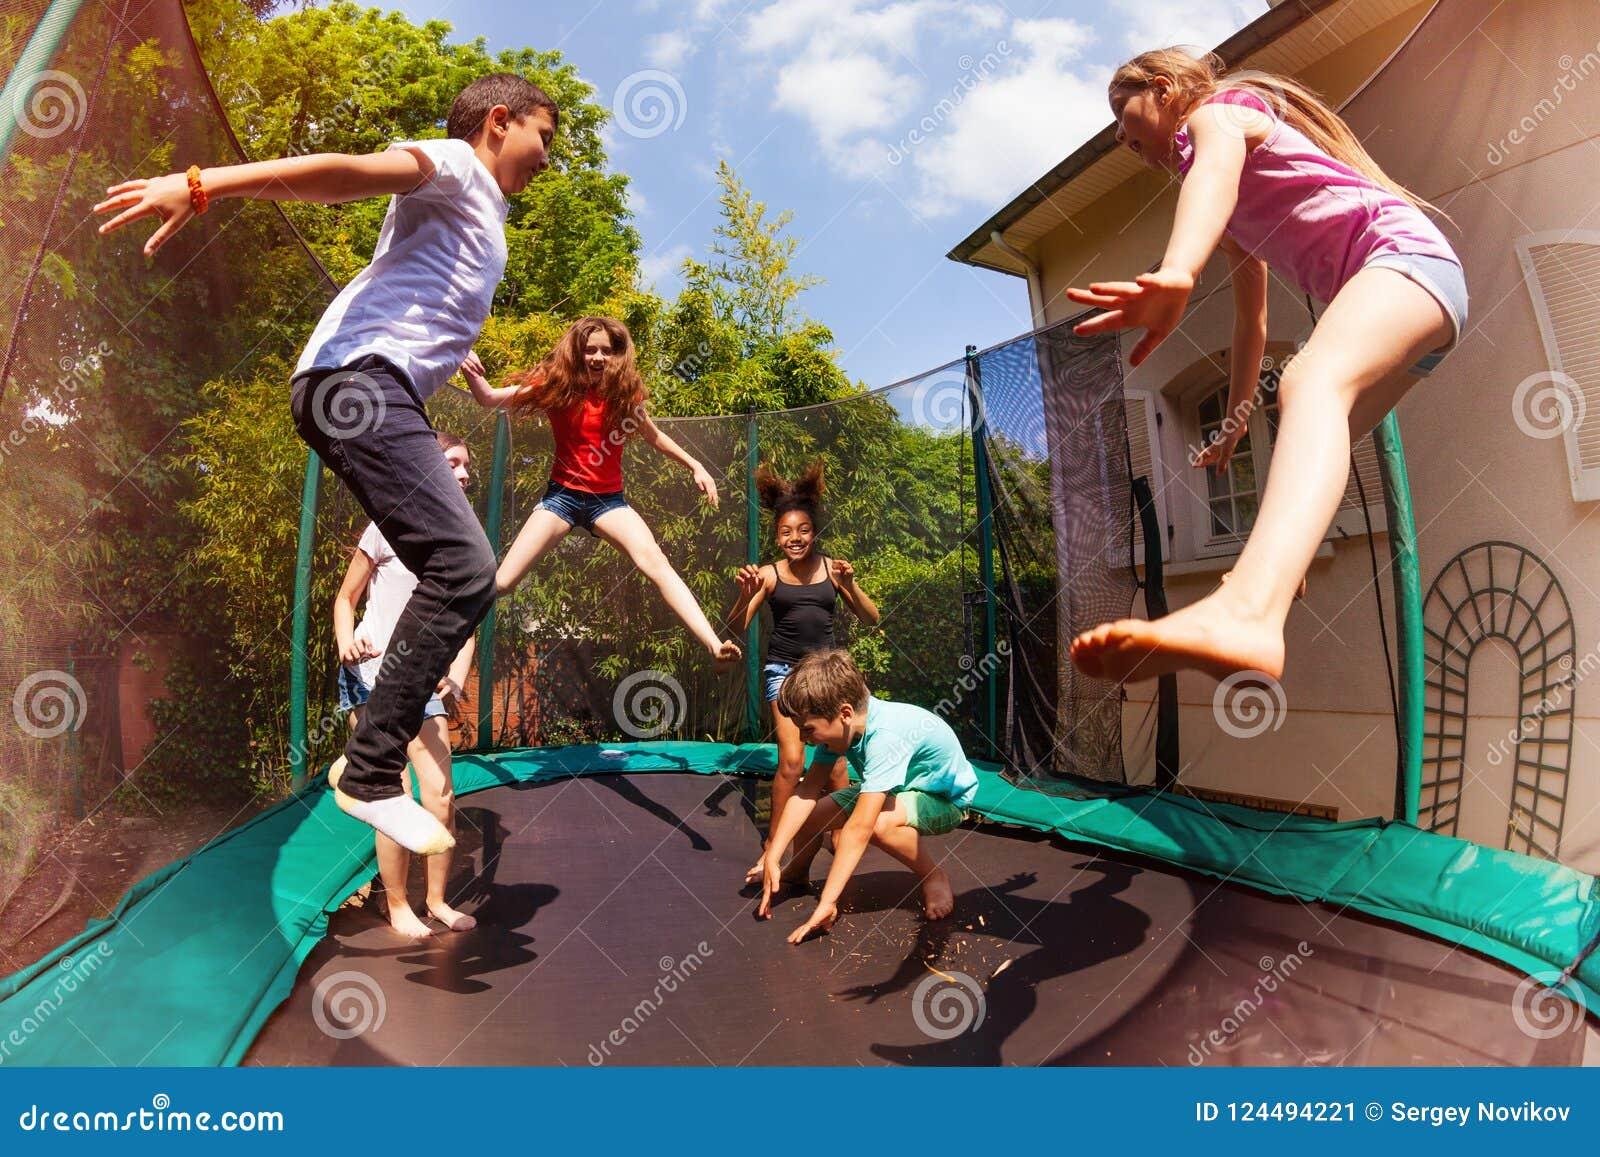 Glückliche Freunde, die auf die Trampoline im Sommer springen